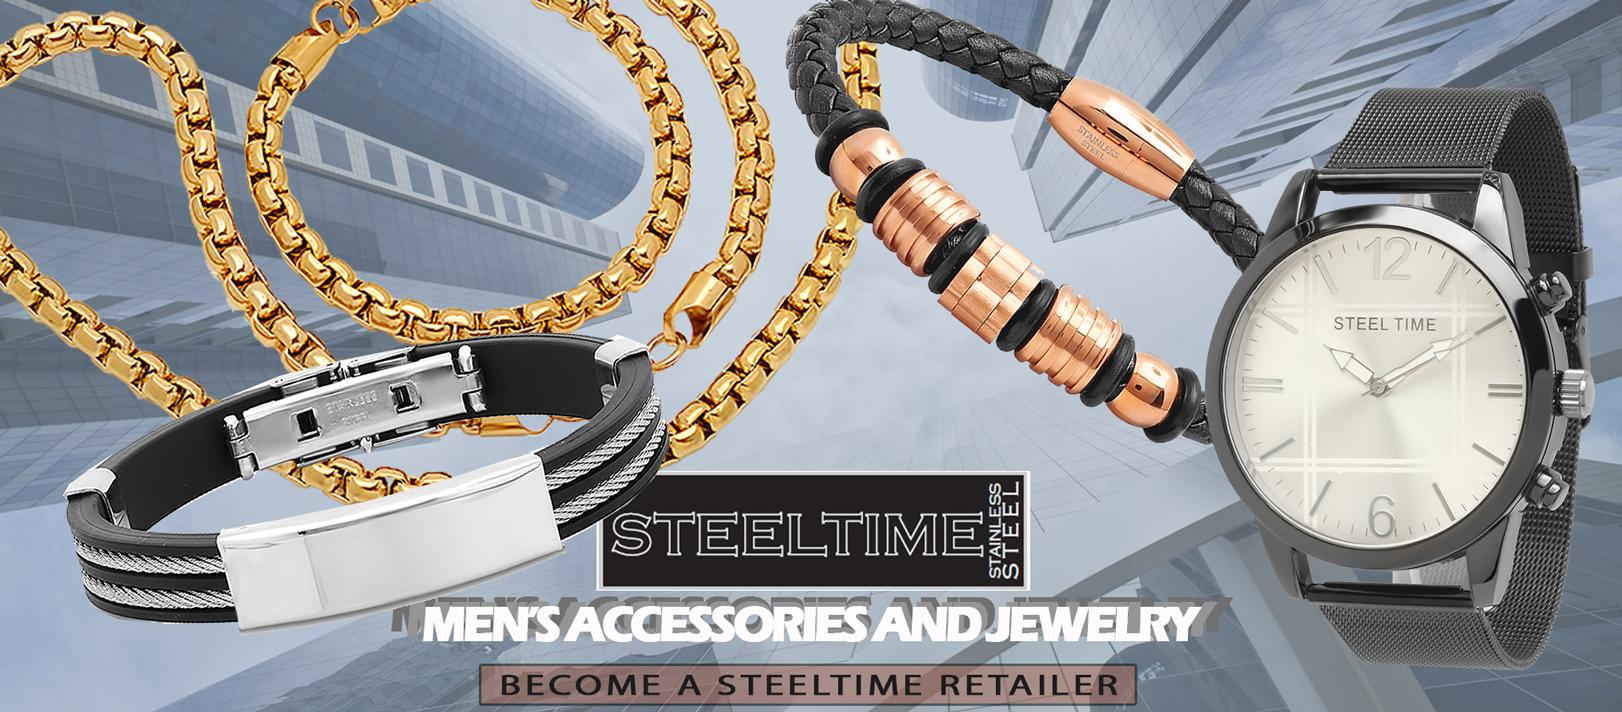 Steeltime